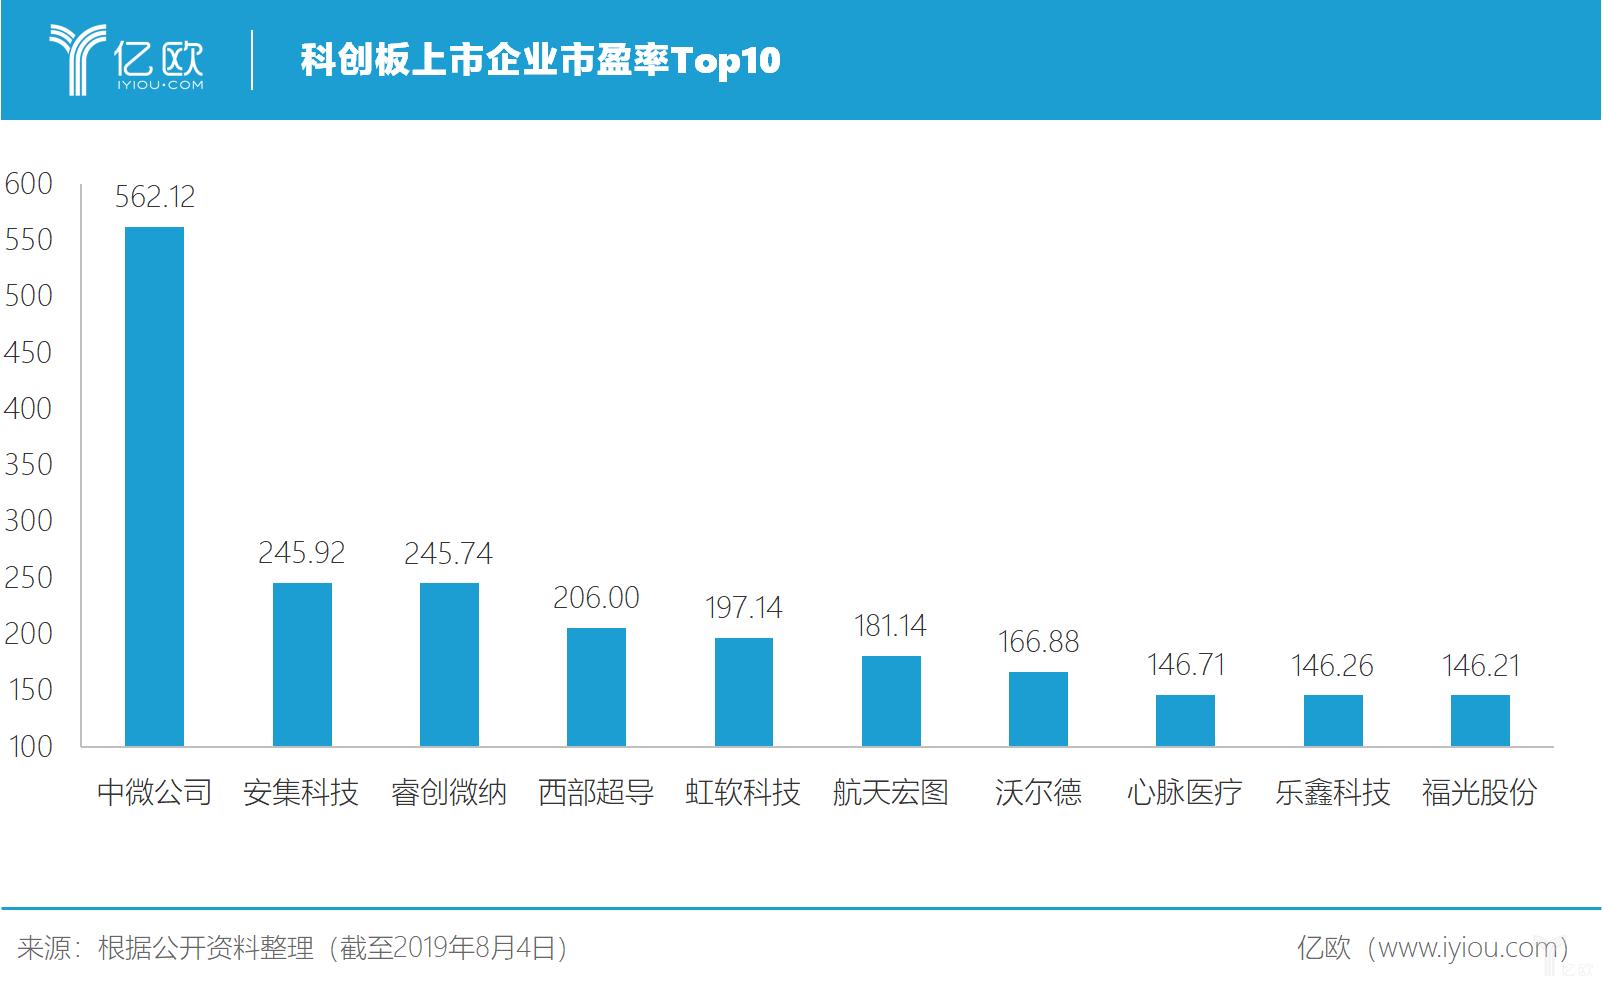 亿欧智库:科创板上市企业市盈率Top10